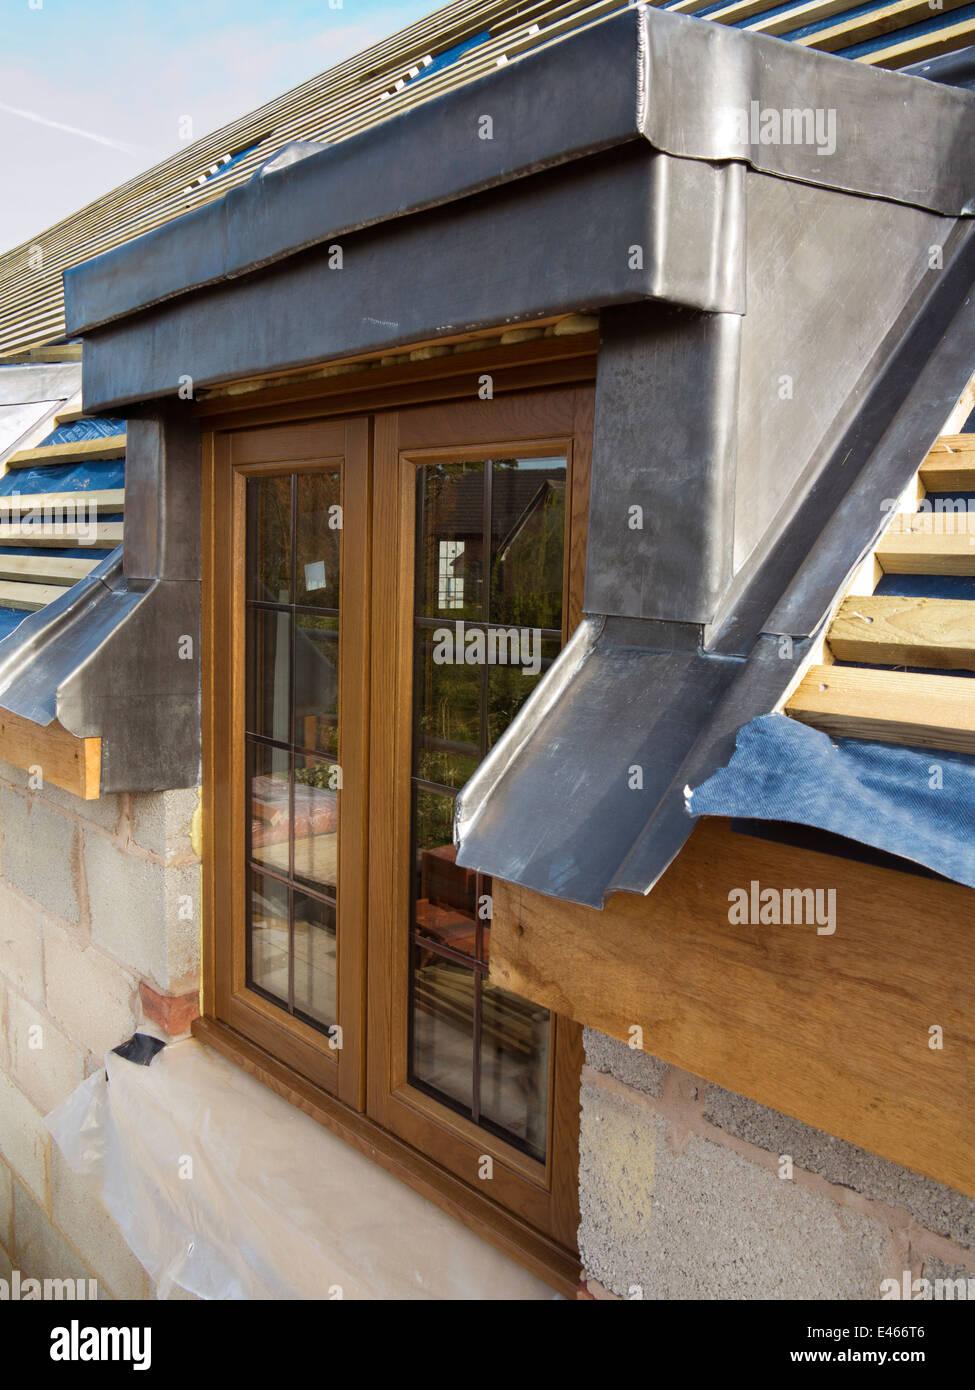 holz dachfenster certain holz gartenmbel way oberteil gartenmbel aus holz with holz dachfenster. Black Bedroom Furniture Sets. Home Design Ideas